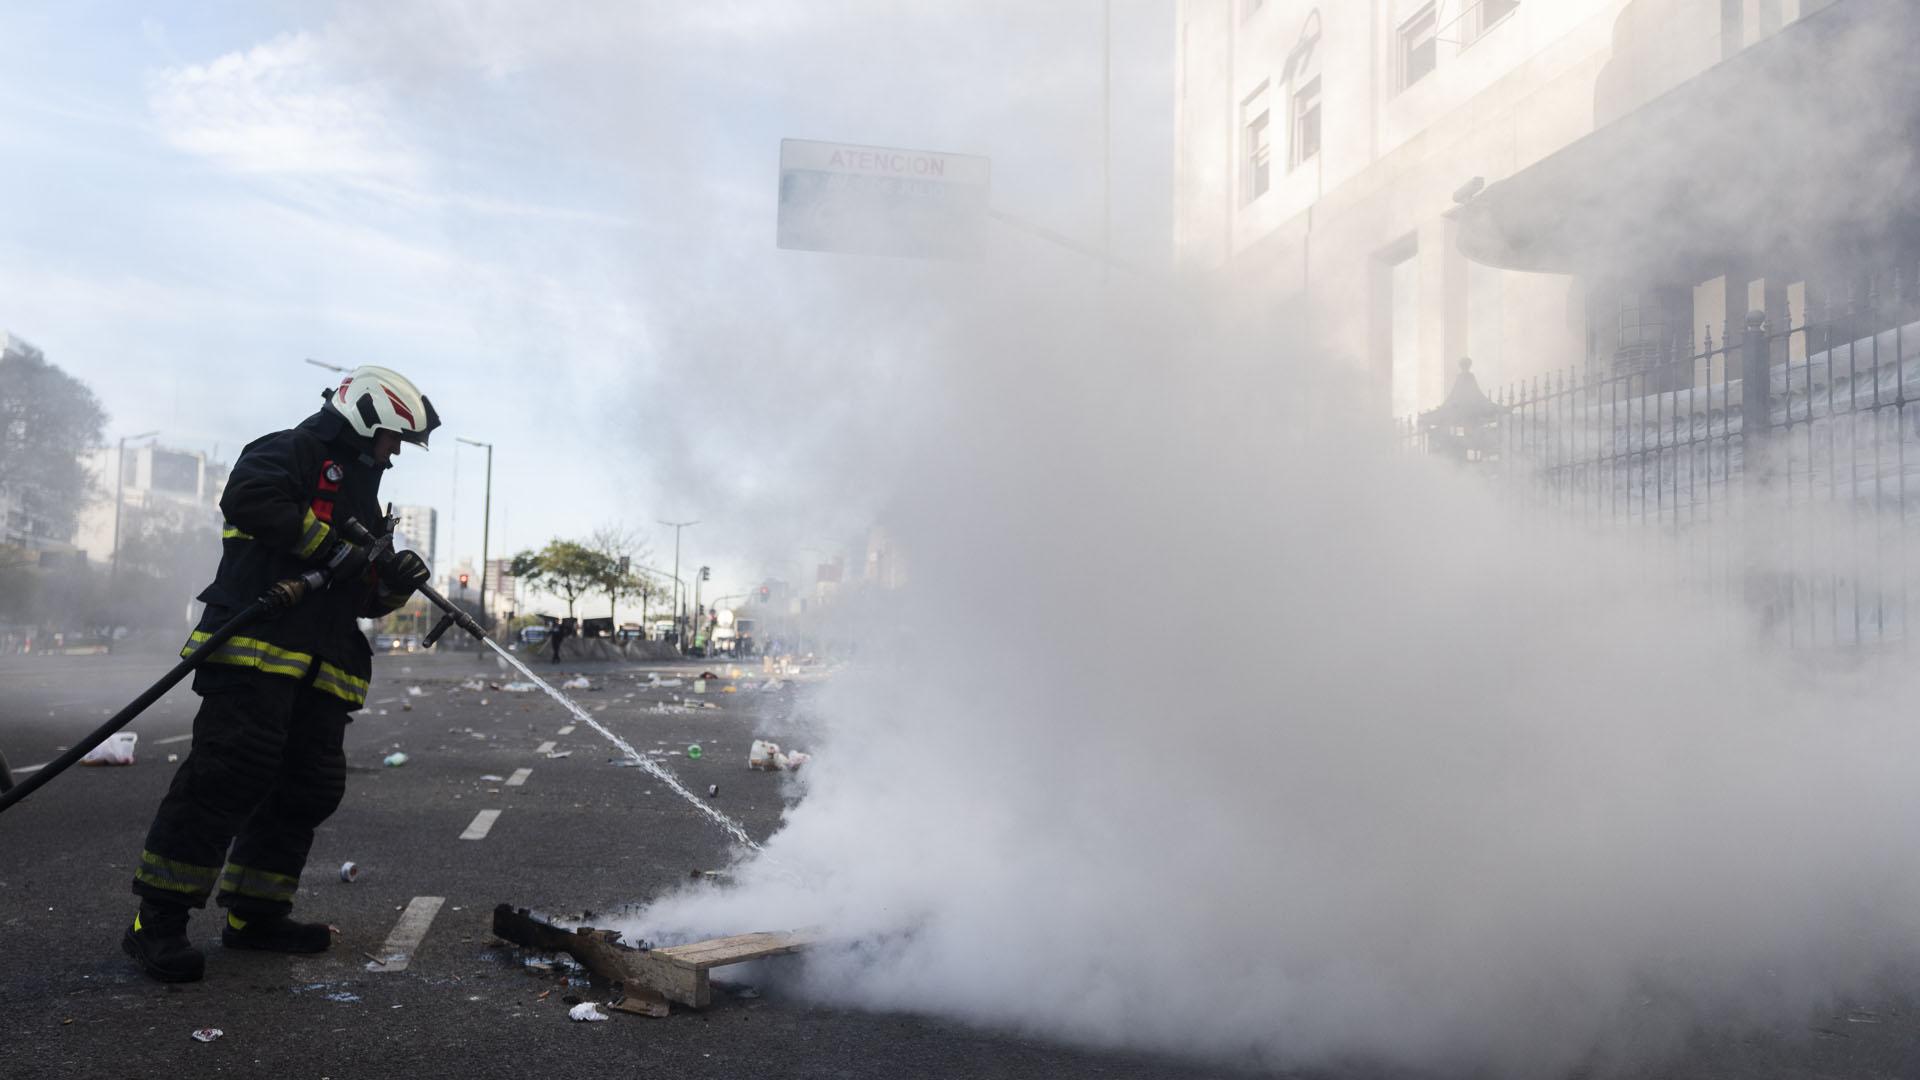 La autoridades de la Ciudad aguardaron el retiro de todos los manifestantes para comenzar con las tareas de limpieza